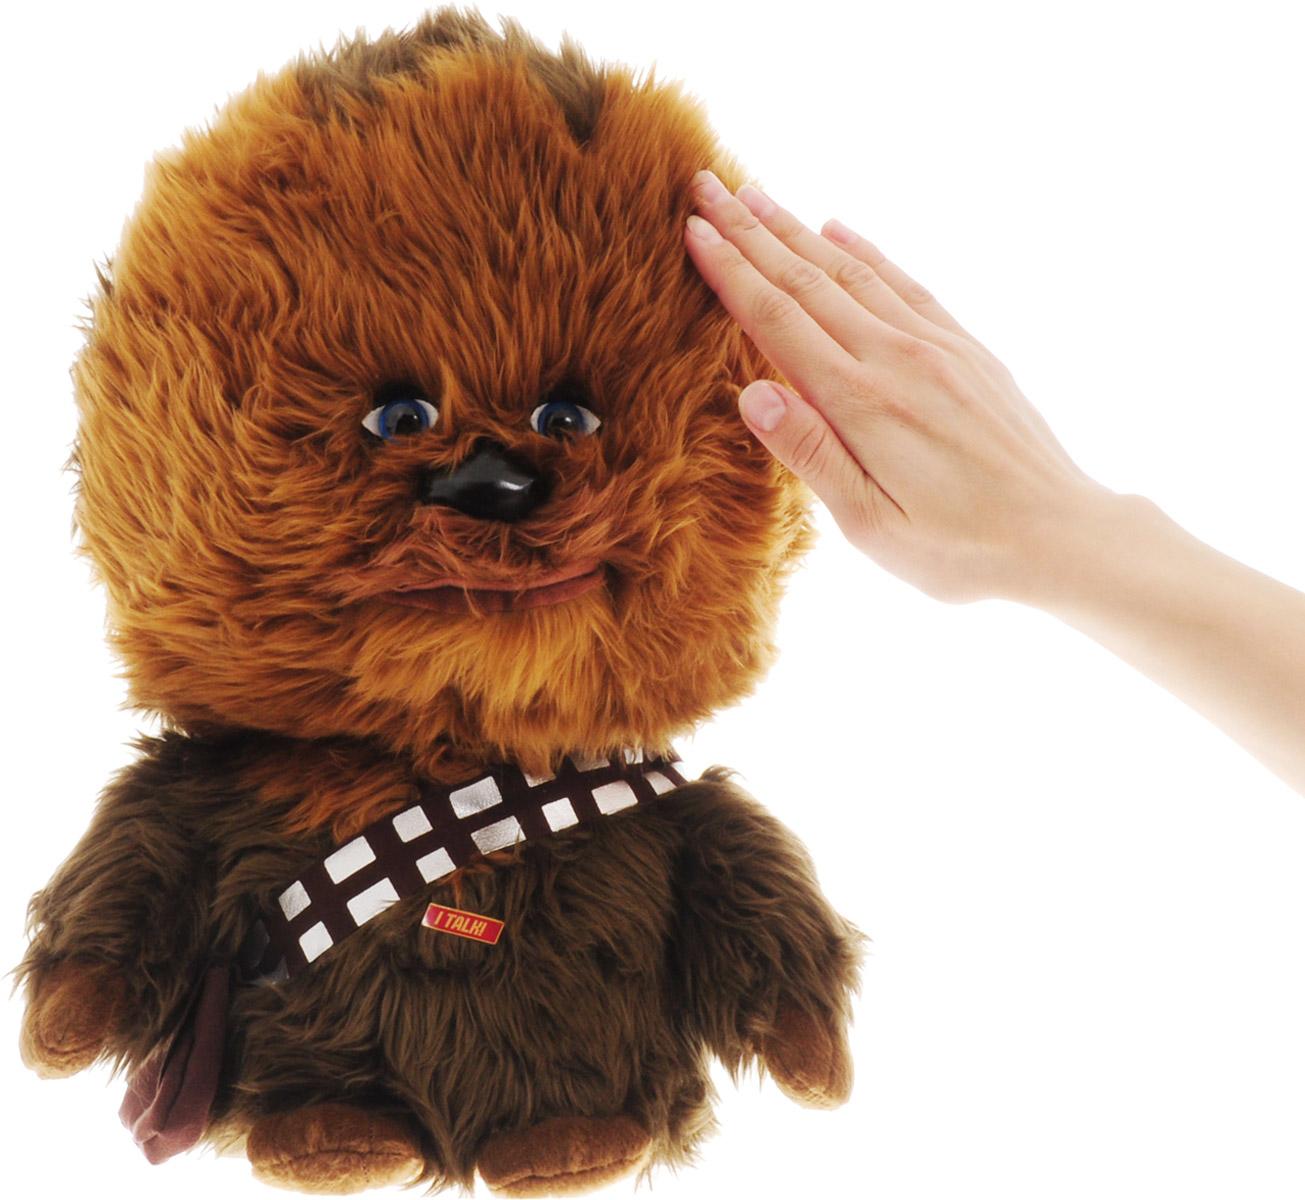 Star Wars Игрушка StarWars Чубакка плюшевый со звуком - 3